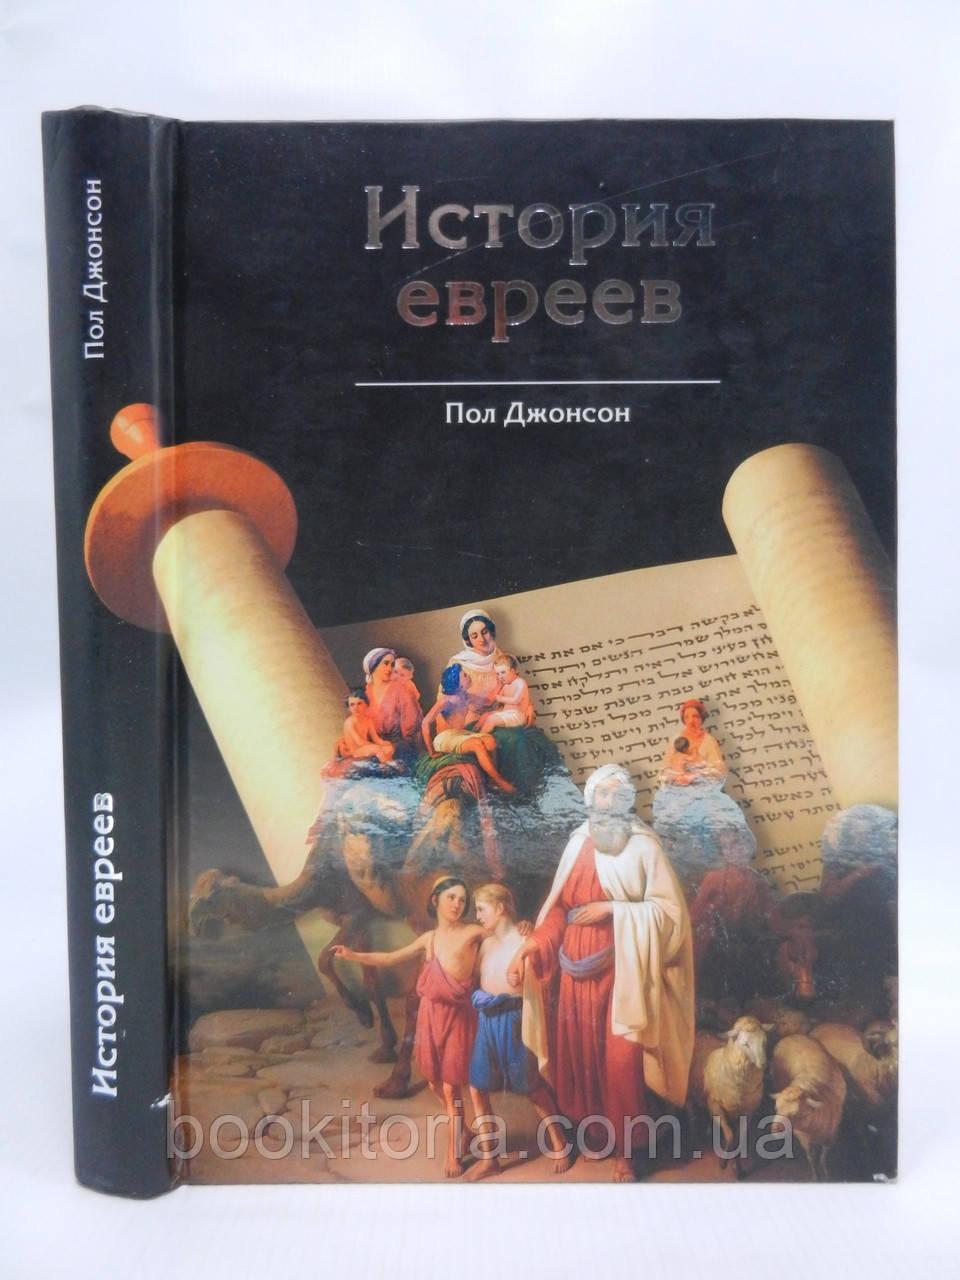 Джонсон П. История евреев (б/у).